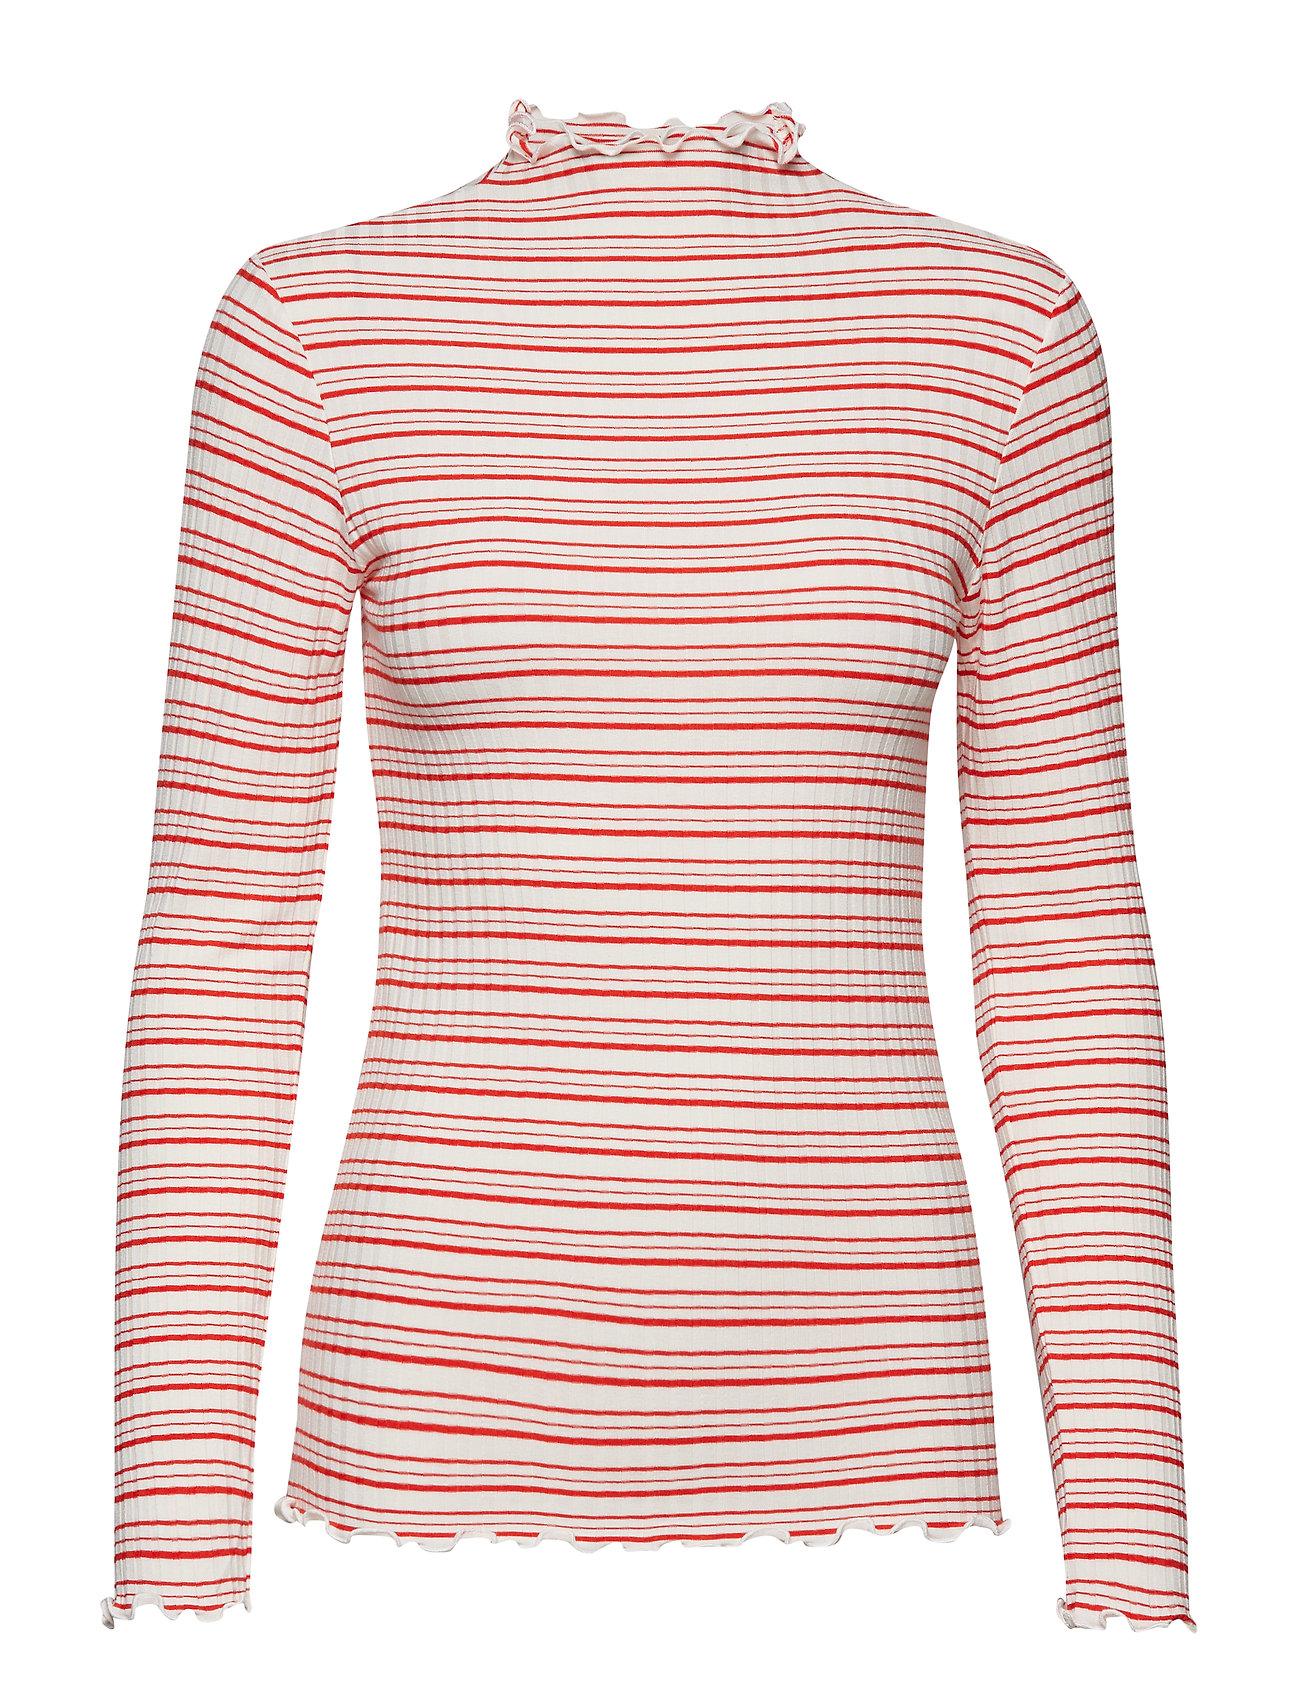 Mads Nørgaard 5x5 Cool Stripe Trutte s - DARK ECRU/WARM RED